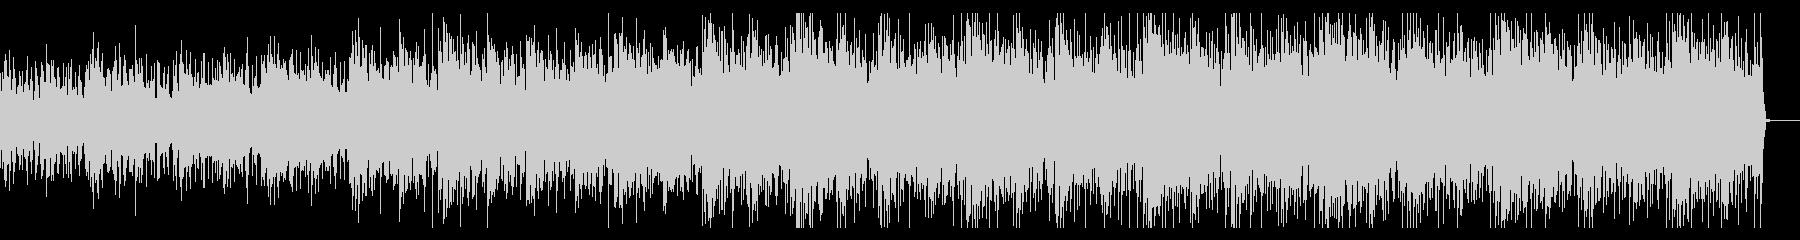 サスペンシブでシンセティックなBGMの未再生の波形